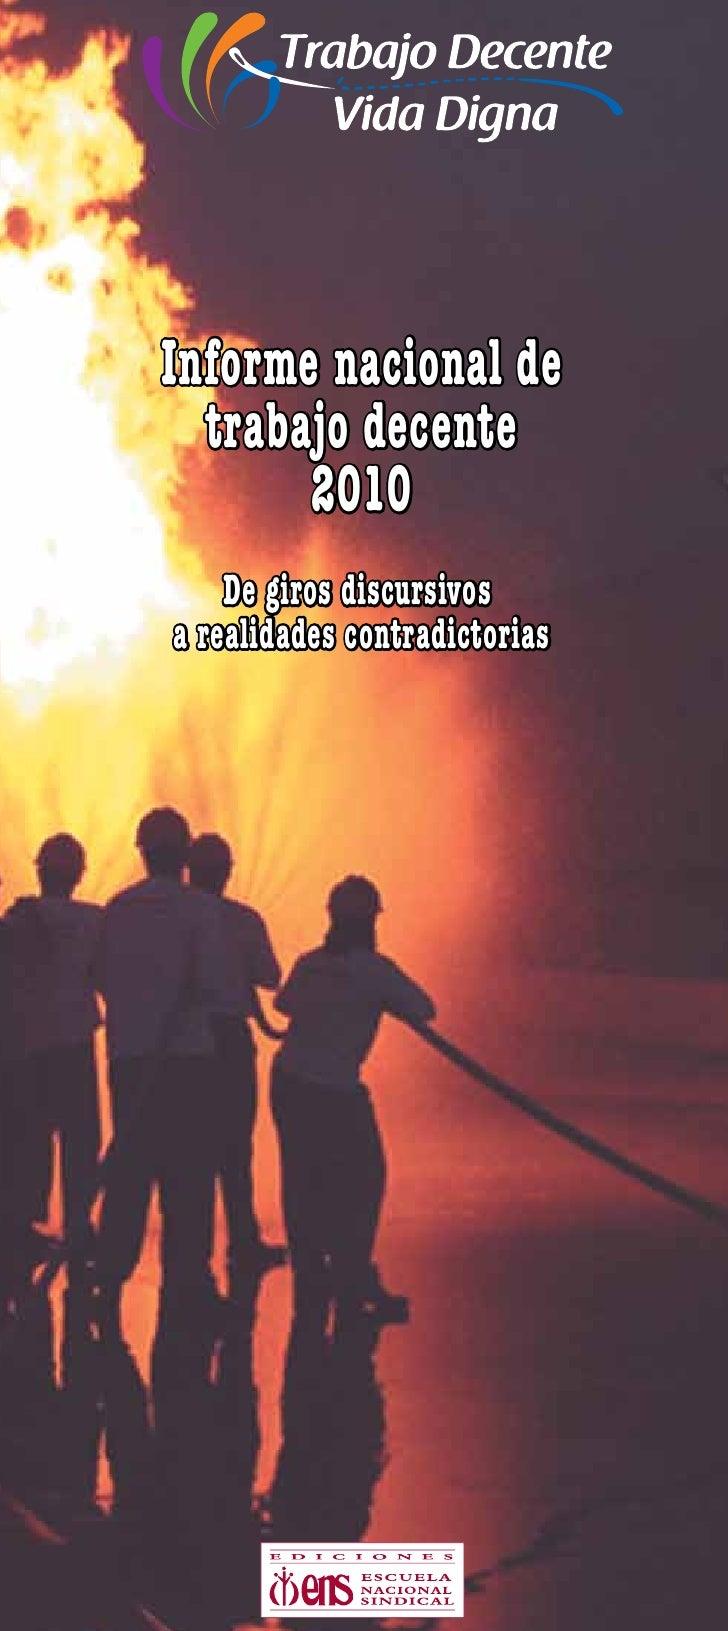 Informe Nacional de Trabajo Decente en Colombia 2010